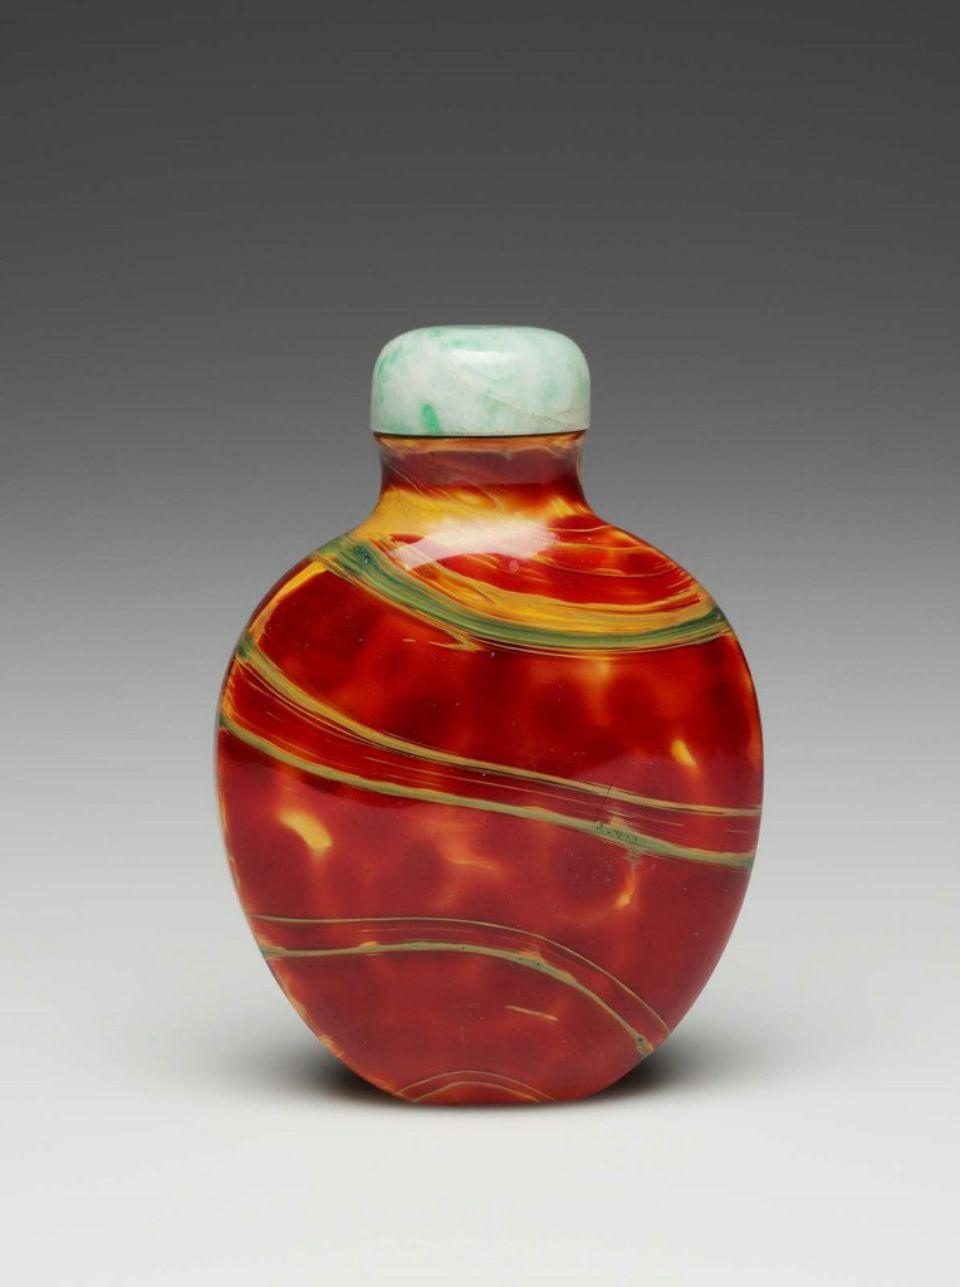 Chinese Snuff Bottle Glass Snuff Bottle Perfume Bottle Design Fragrance Bottle